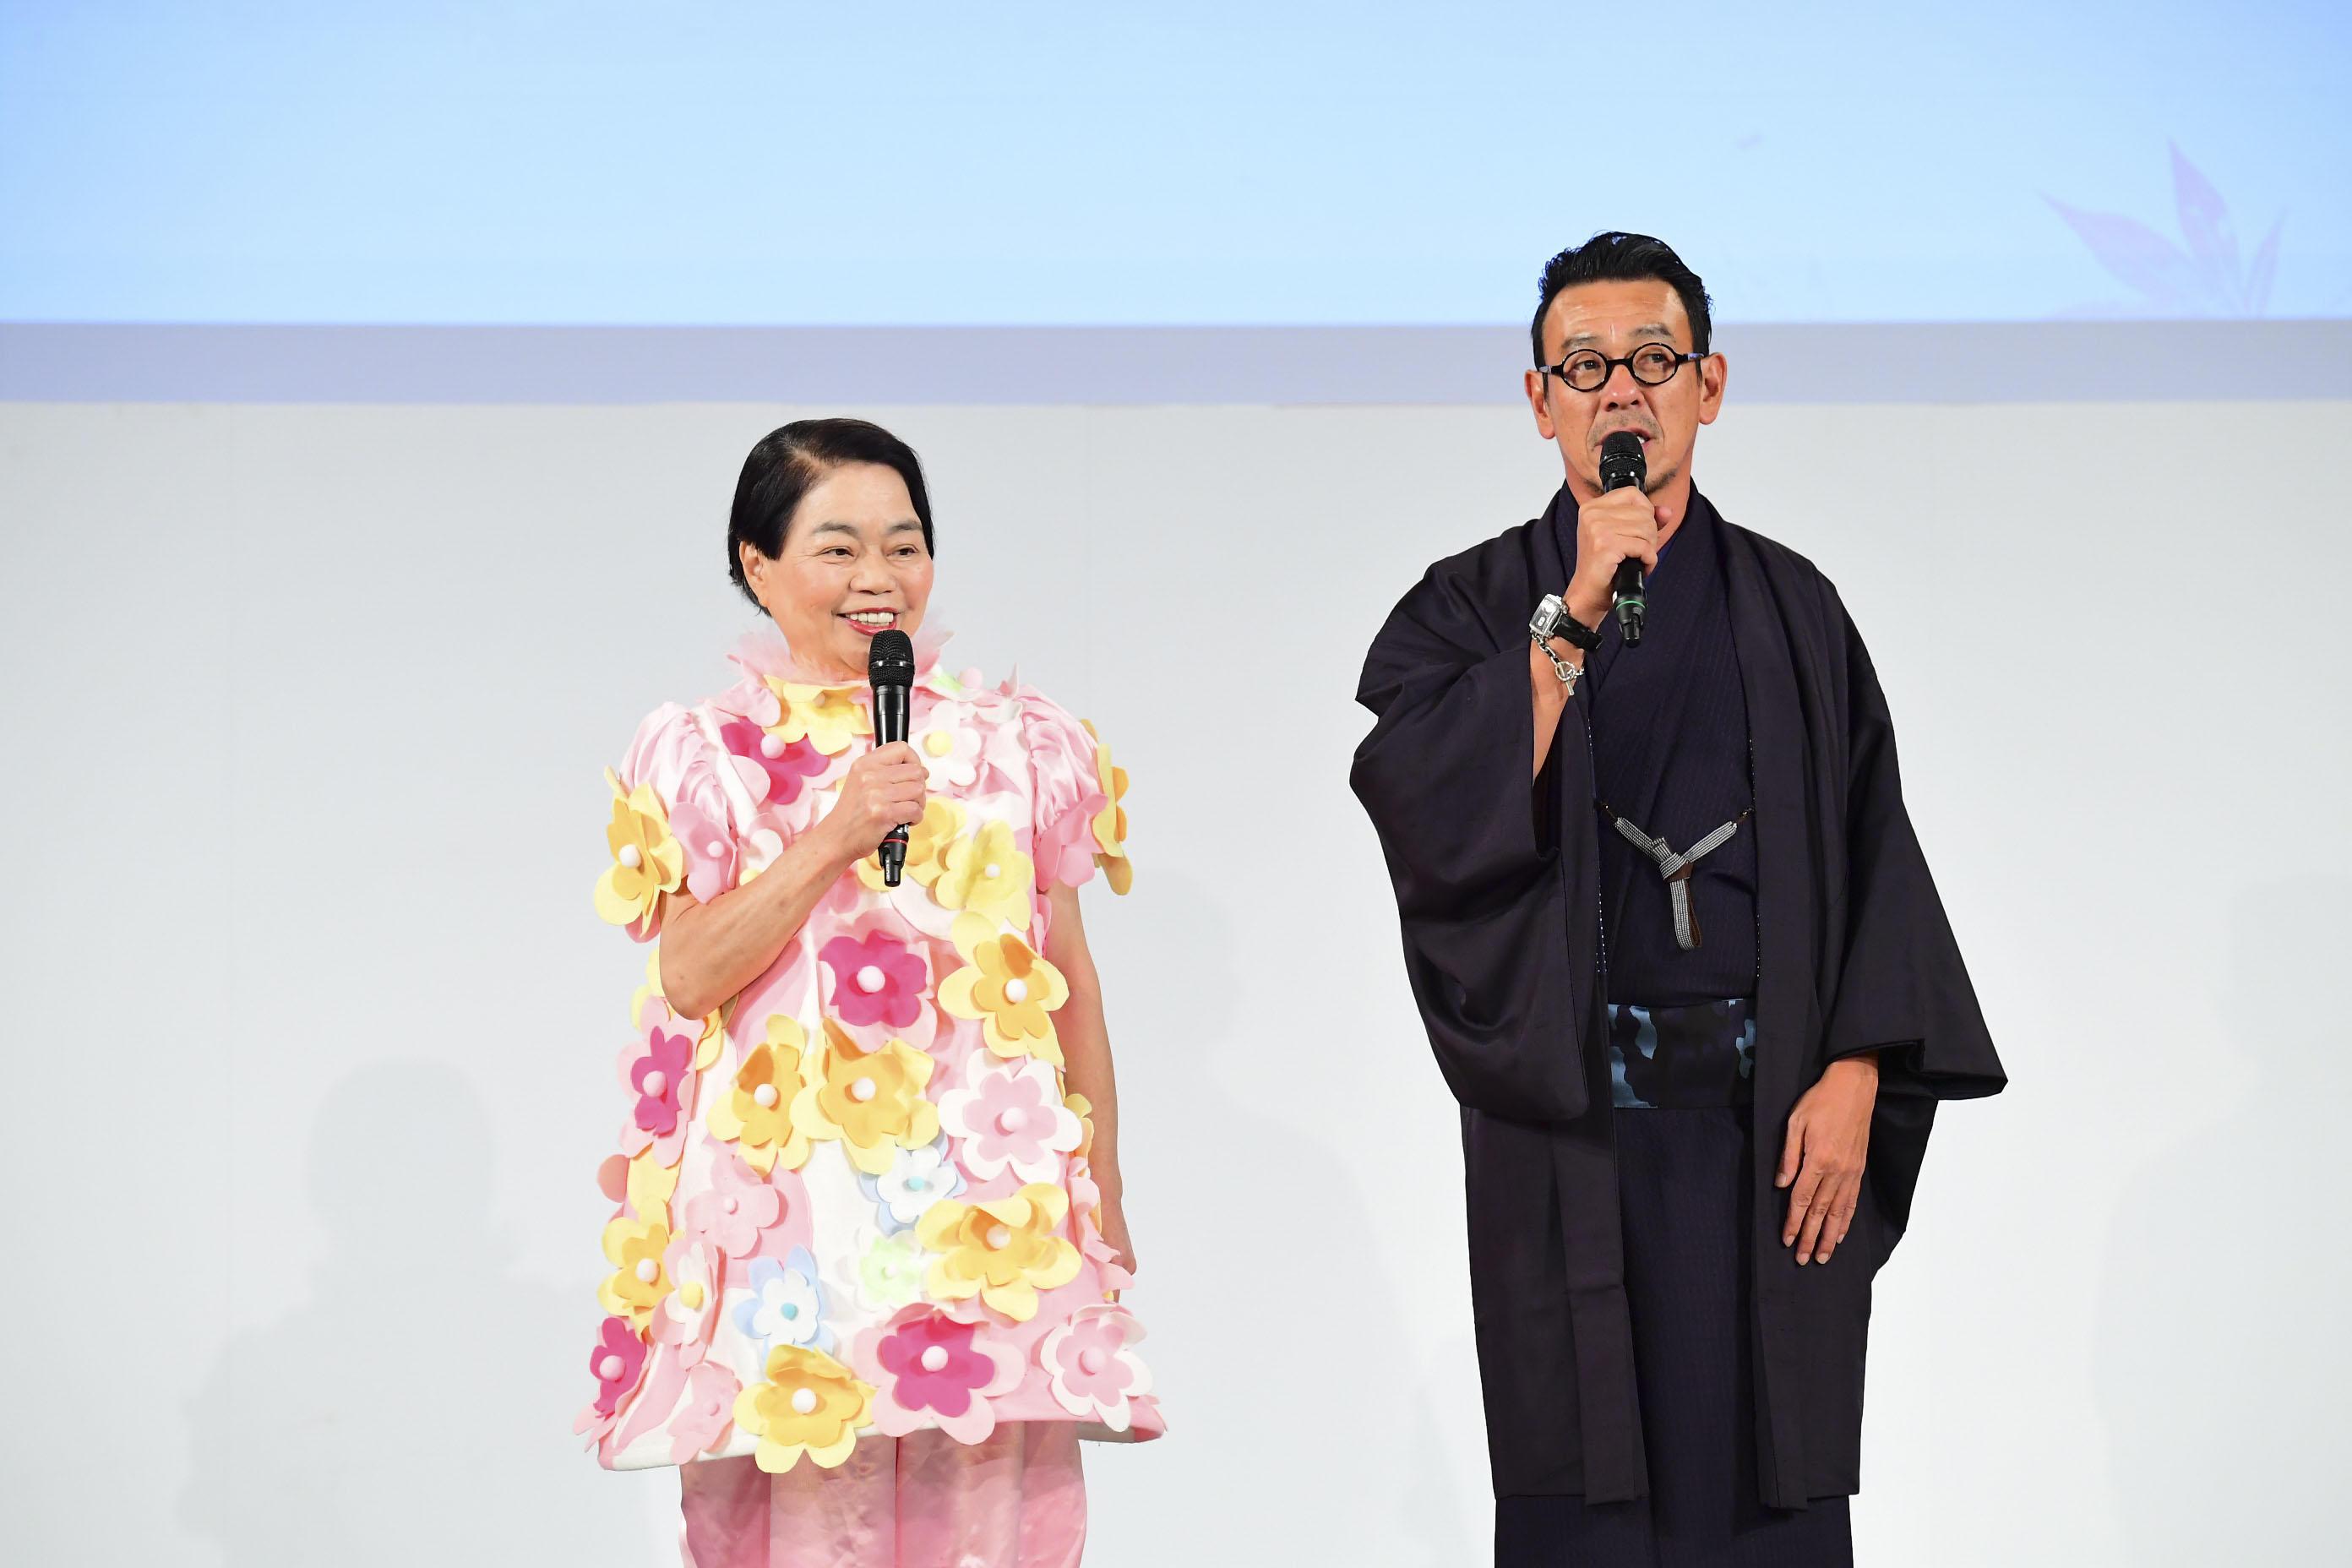 http://news.yoshimoto.co.jp/20170907022701-0d0698cae40ebe41a55bd42c78636e2c02c831b2.jpg